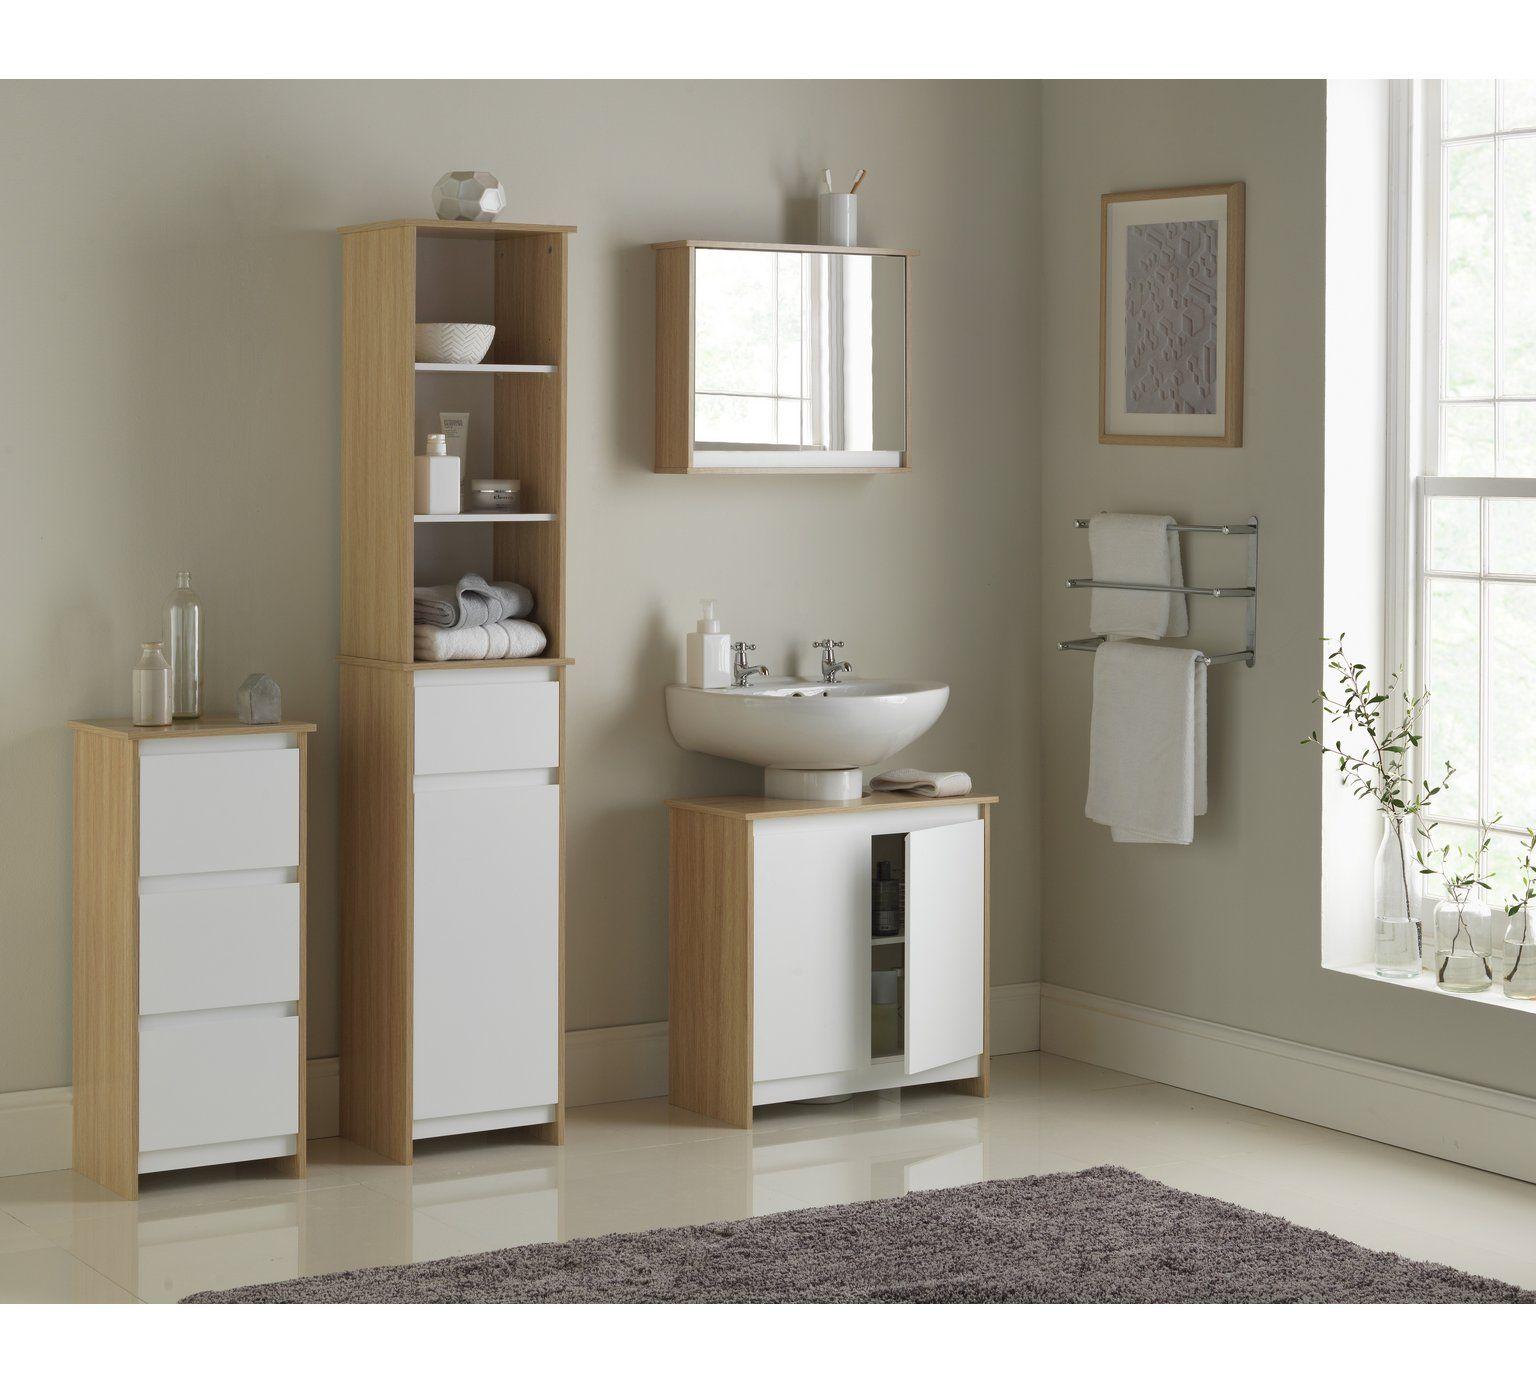 23+ Bathroom cabinets with mirror argos best